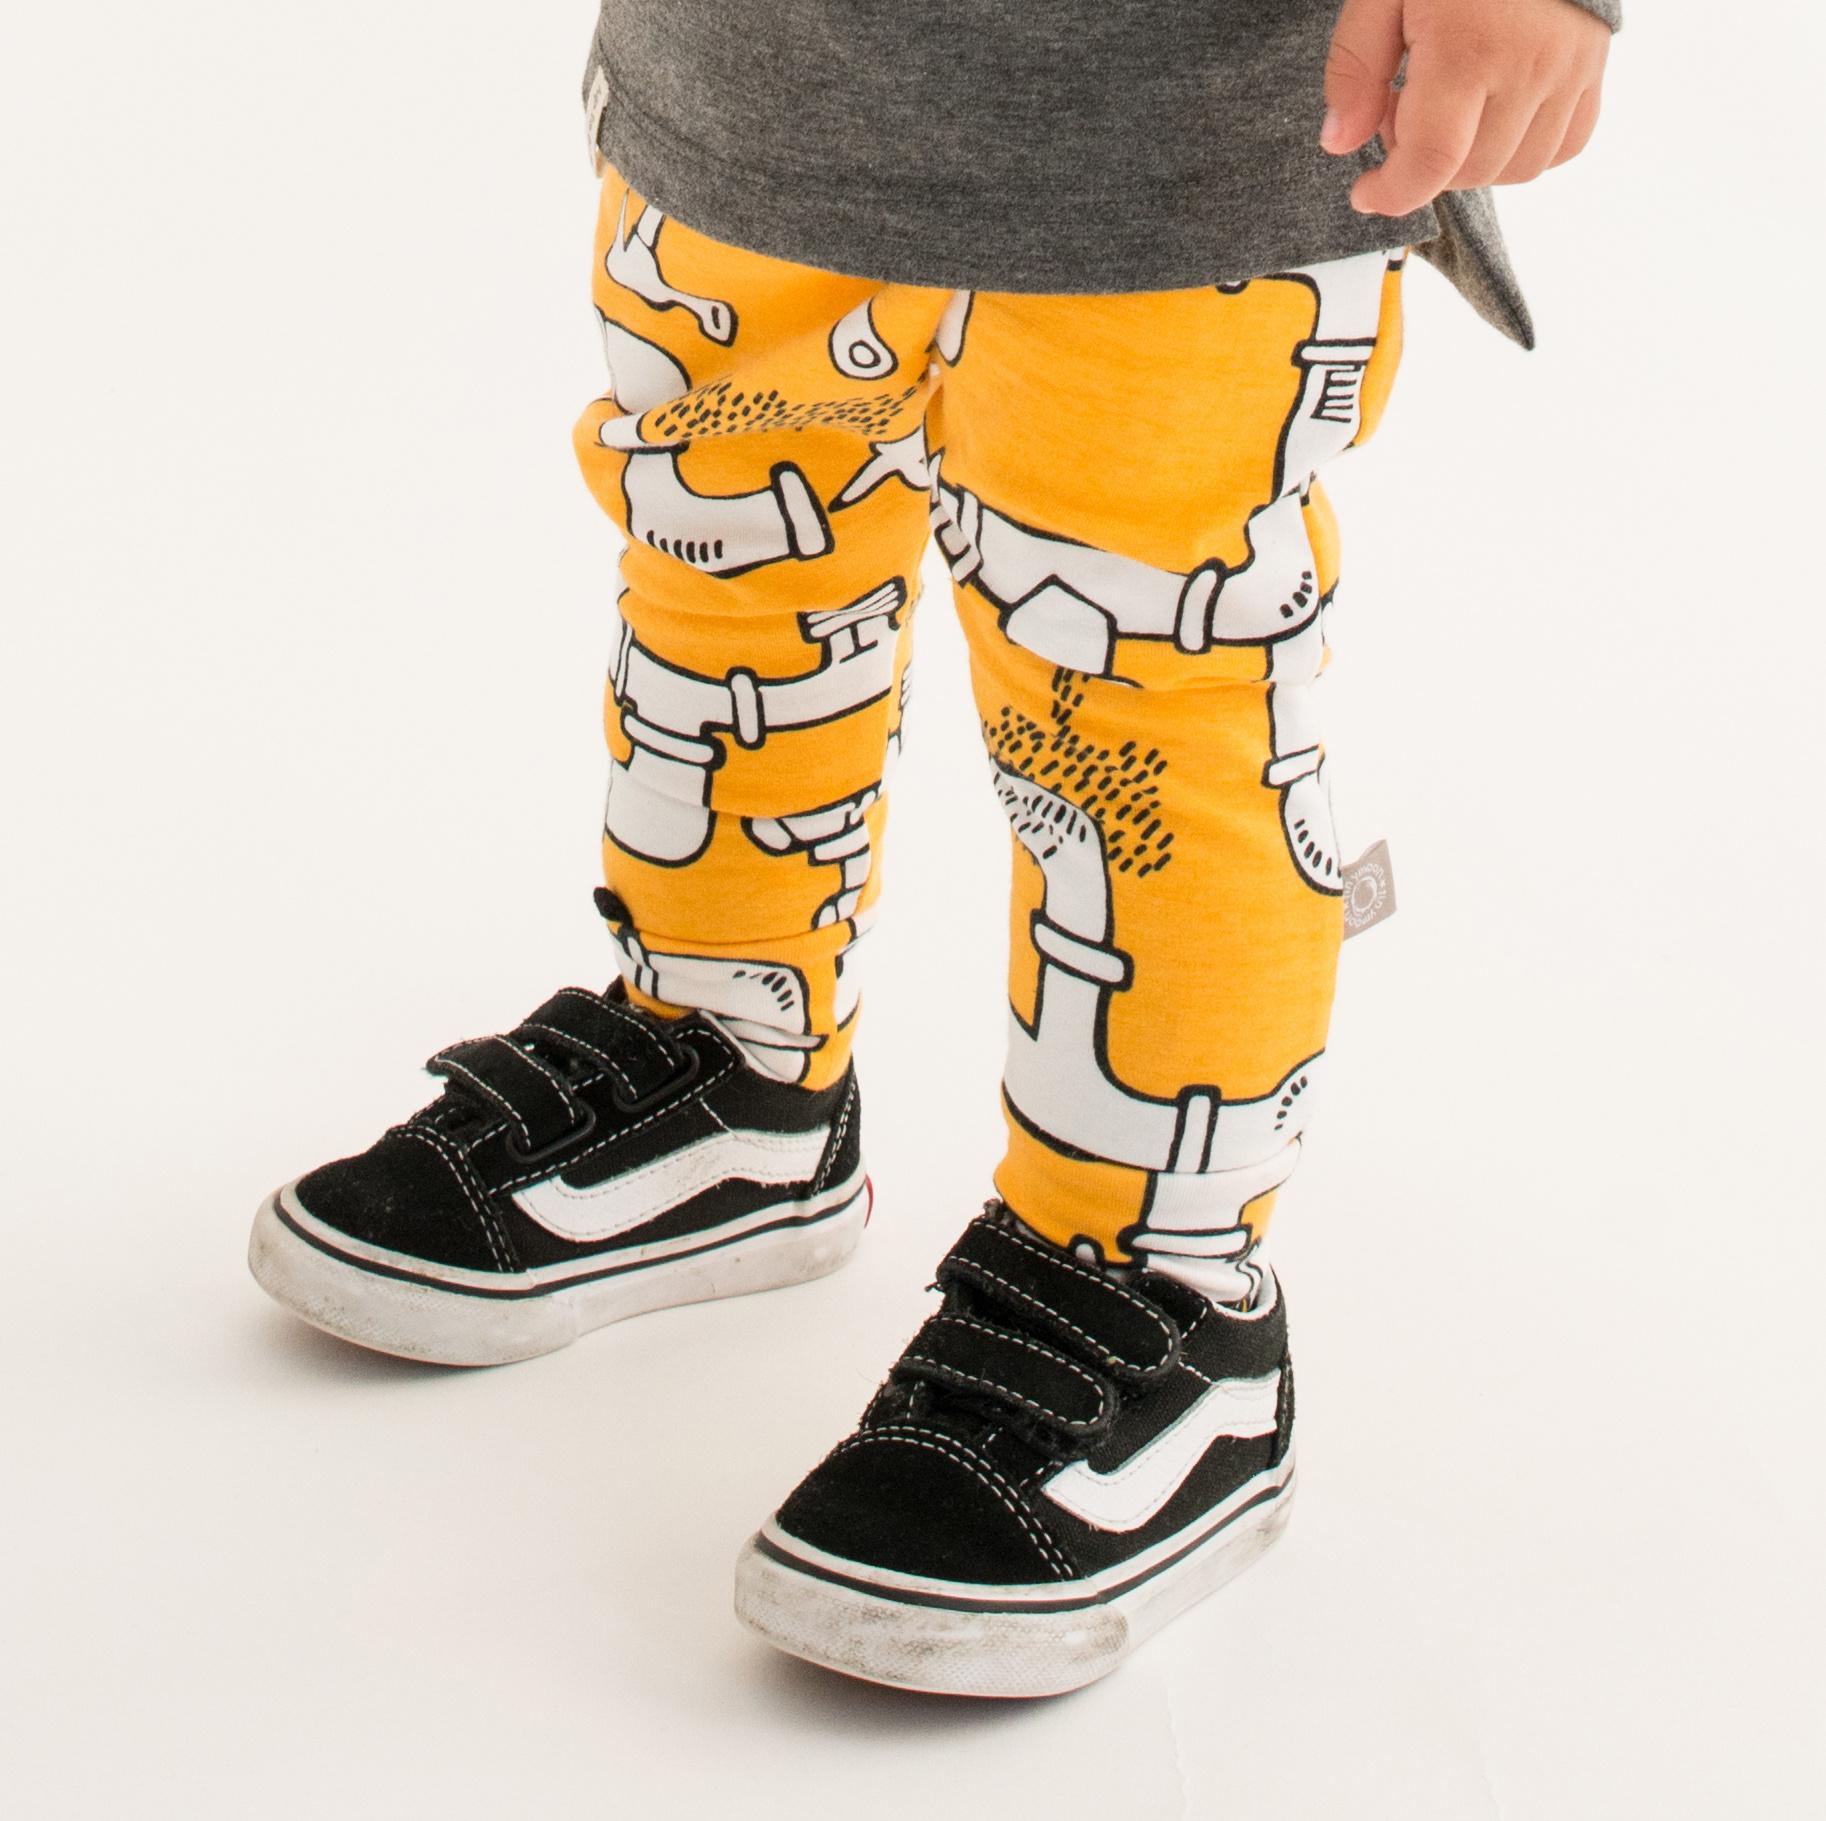 Baggy drop crotch broekje met leidingen print